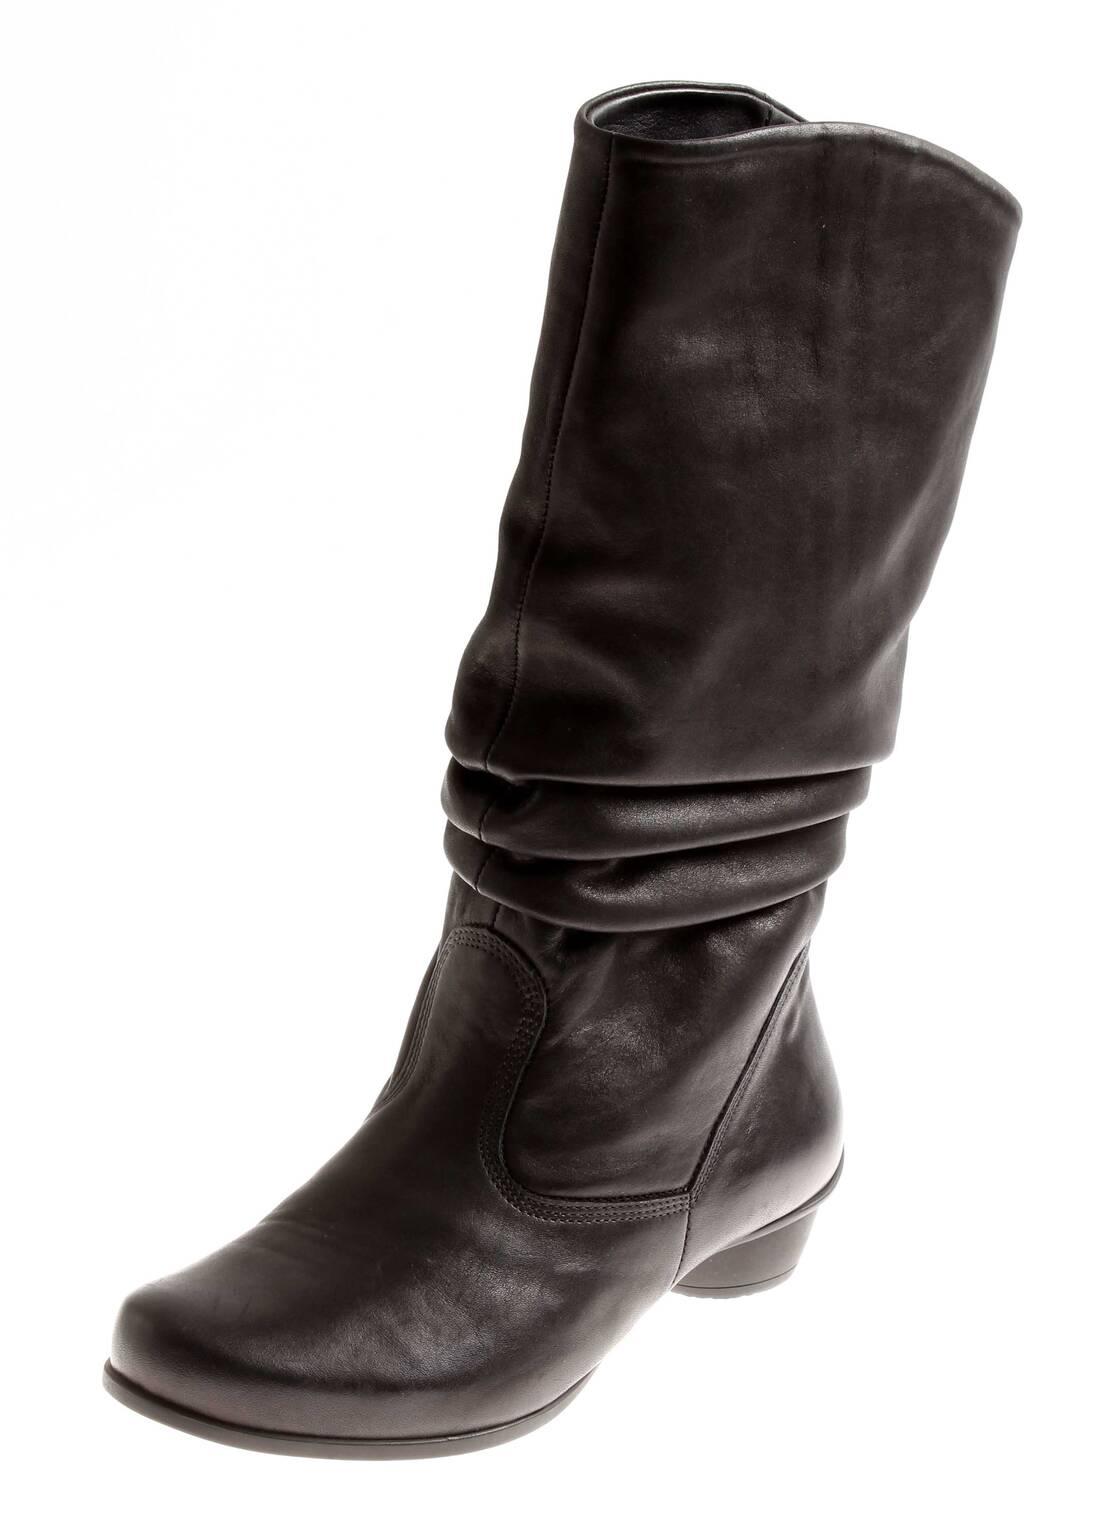 Think botas de de de invierno Zapatos de piel Lina zapatos para invierno cuero/cuero de búfalo 77d8dc